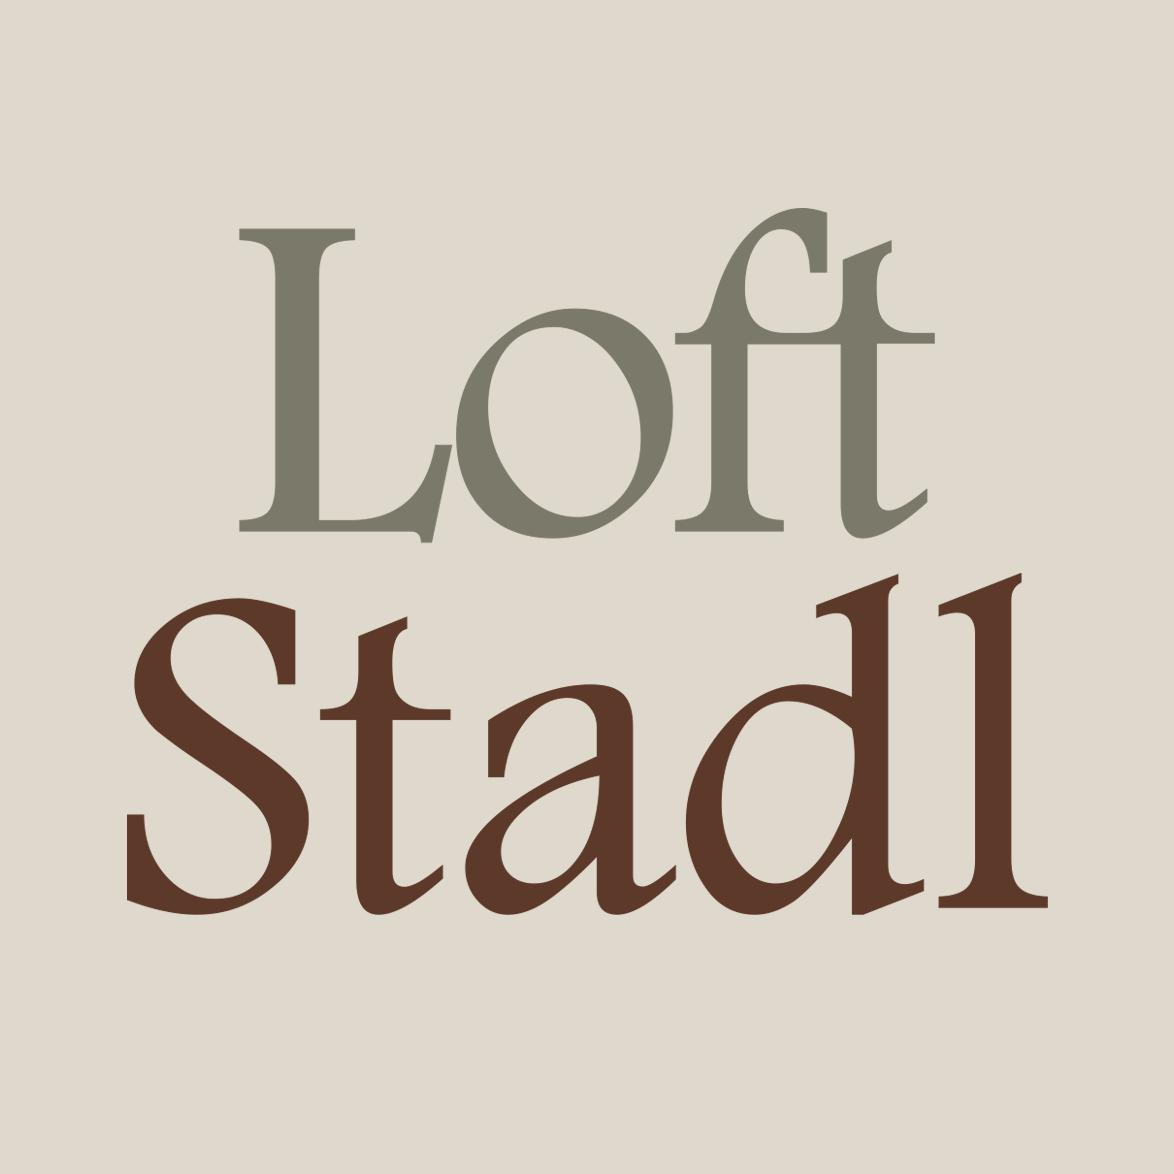 Logo Loftstadl